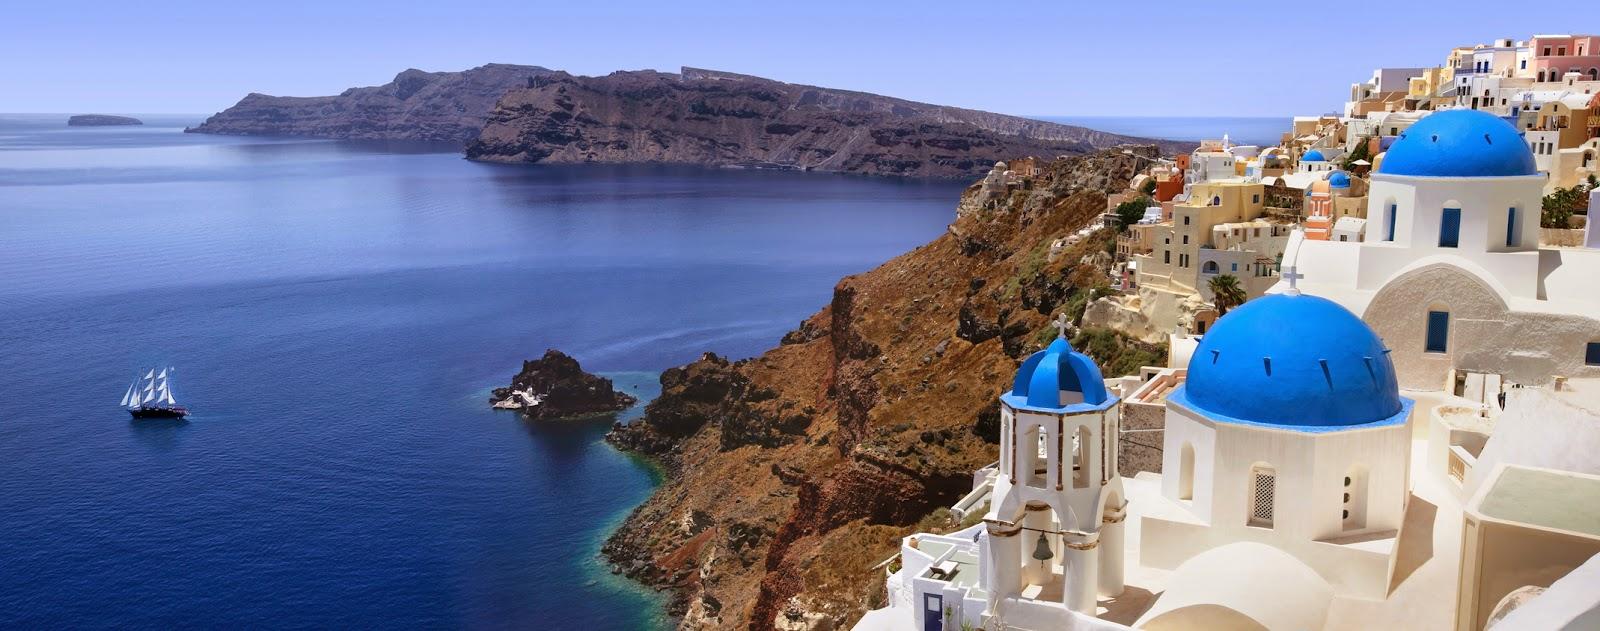 Santorini, una de las islas griegas